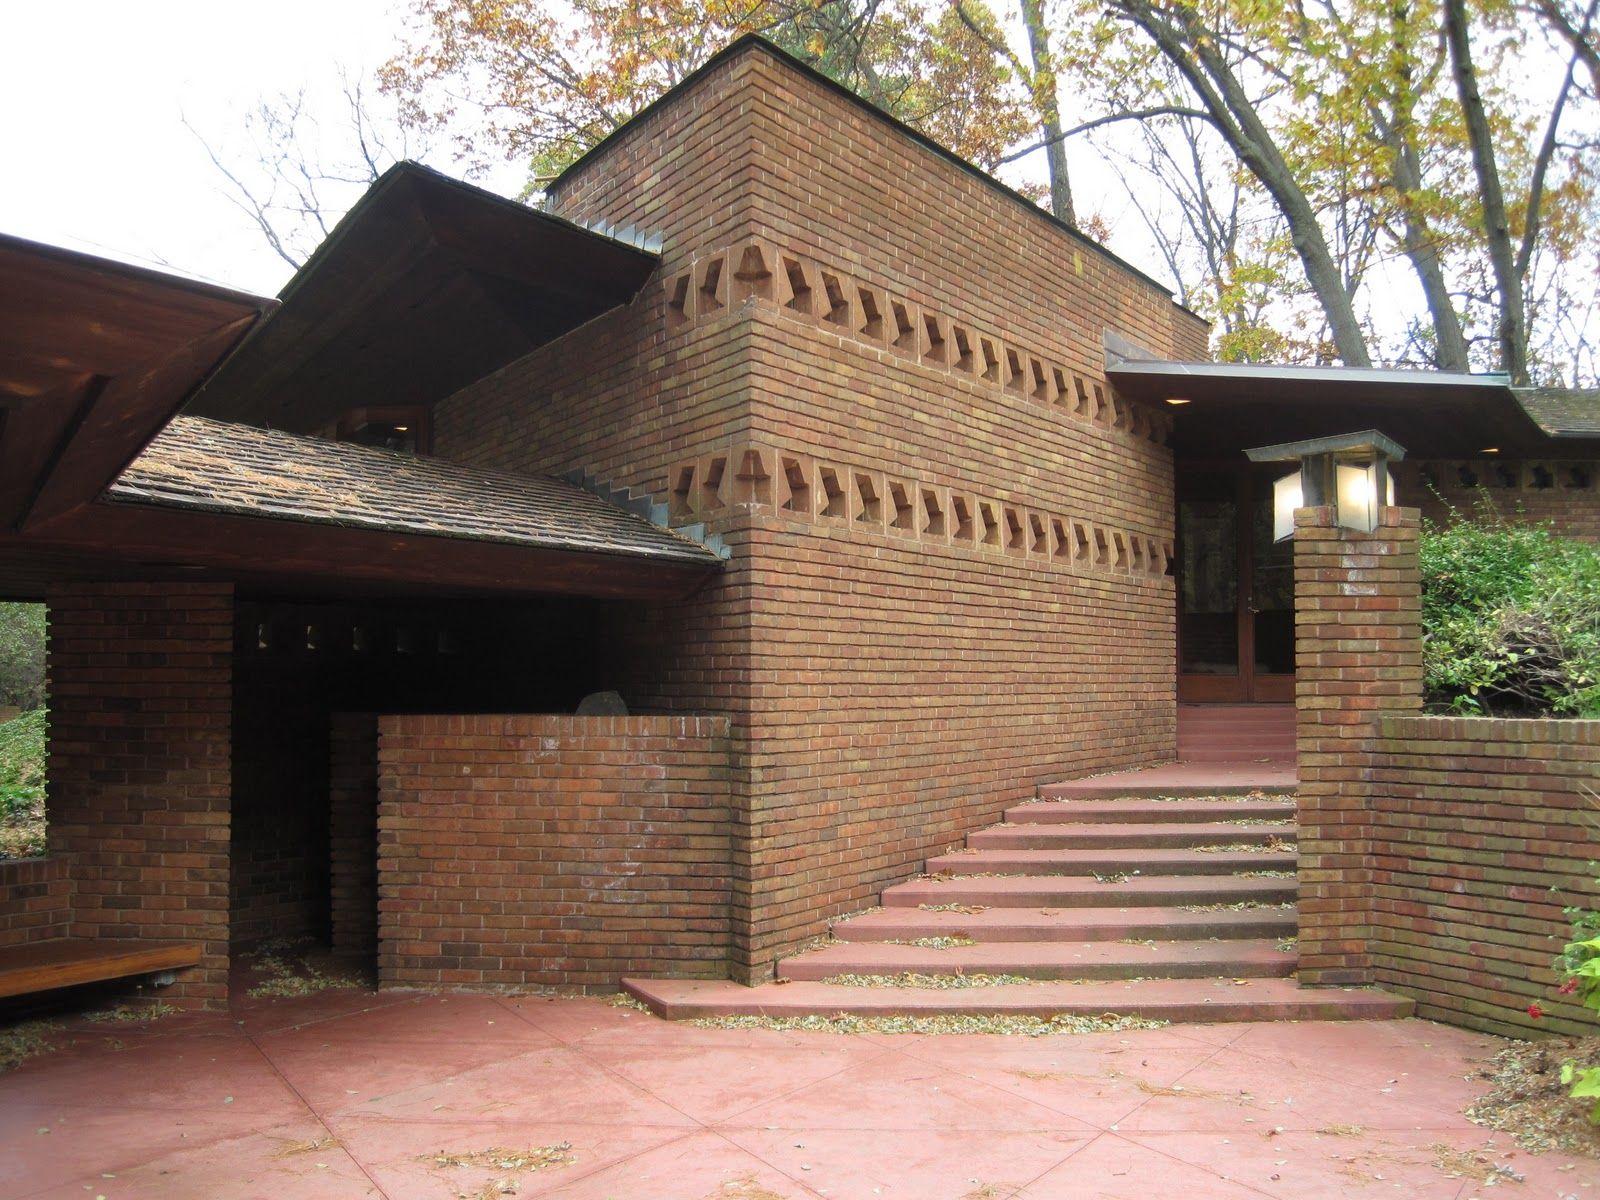 William and Mary Palmer House. Ann Arbor, Michigan. Usonian. Frank Lloyd Wright